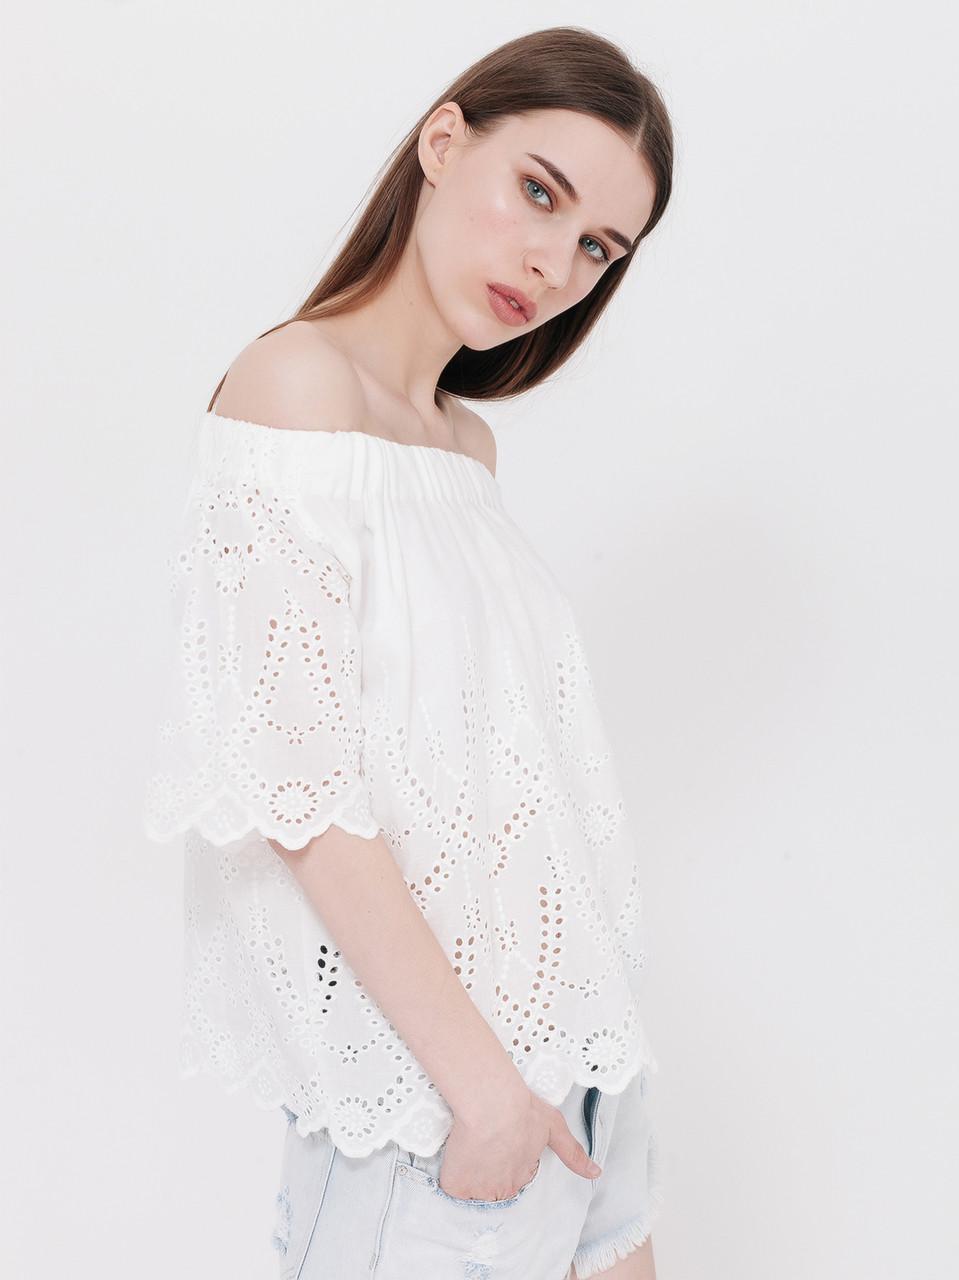 модные женские блузки весна лето 2019: с открытыми плечами белая кружевная рукав короткий